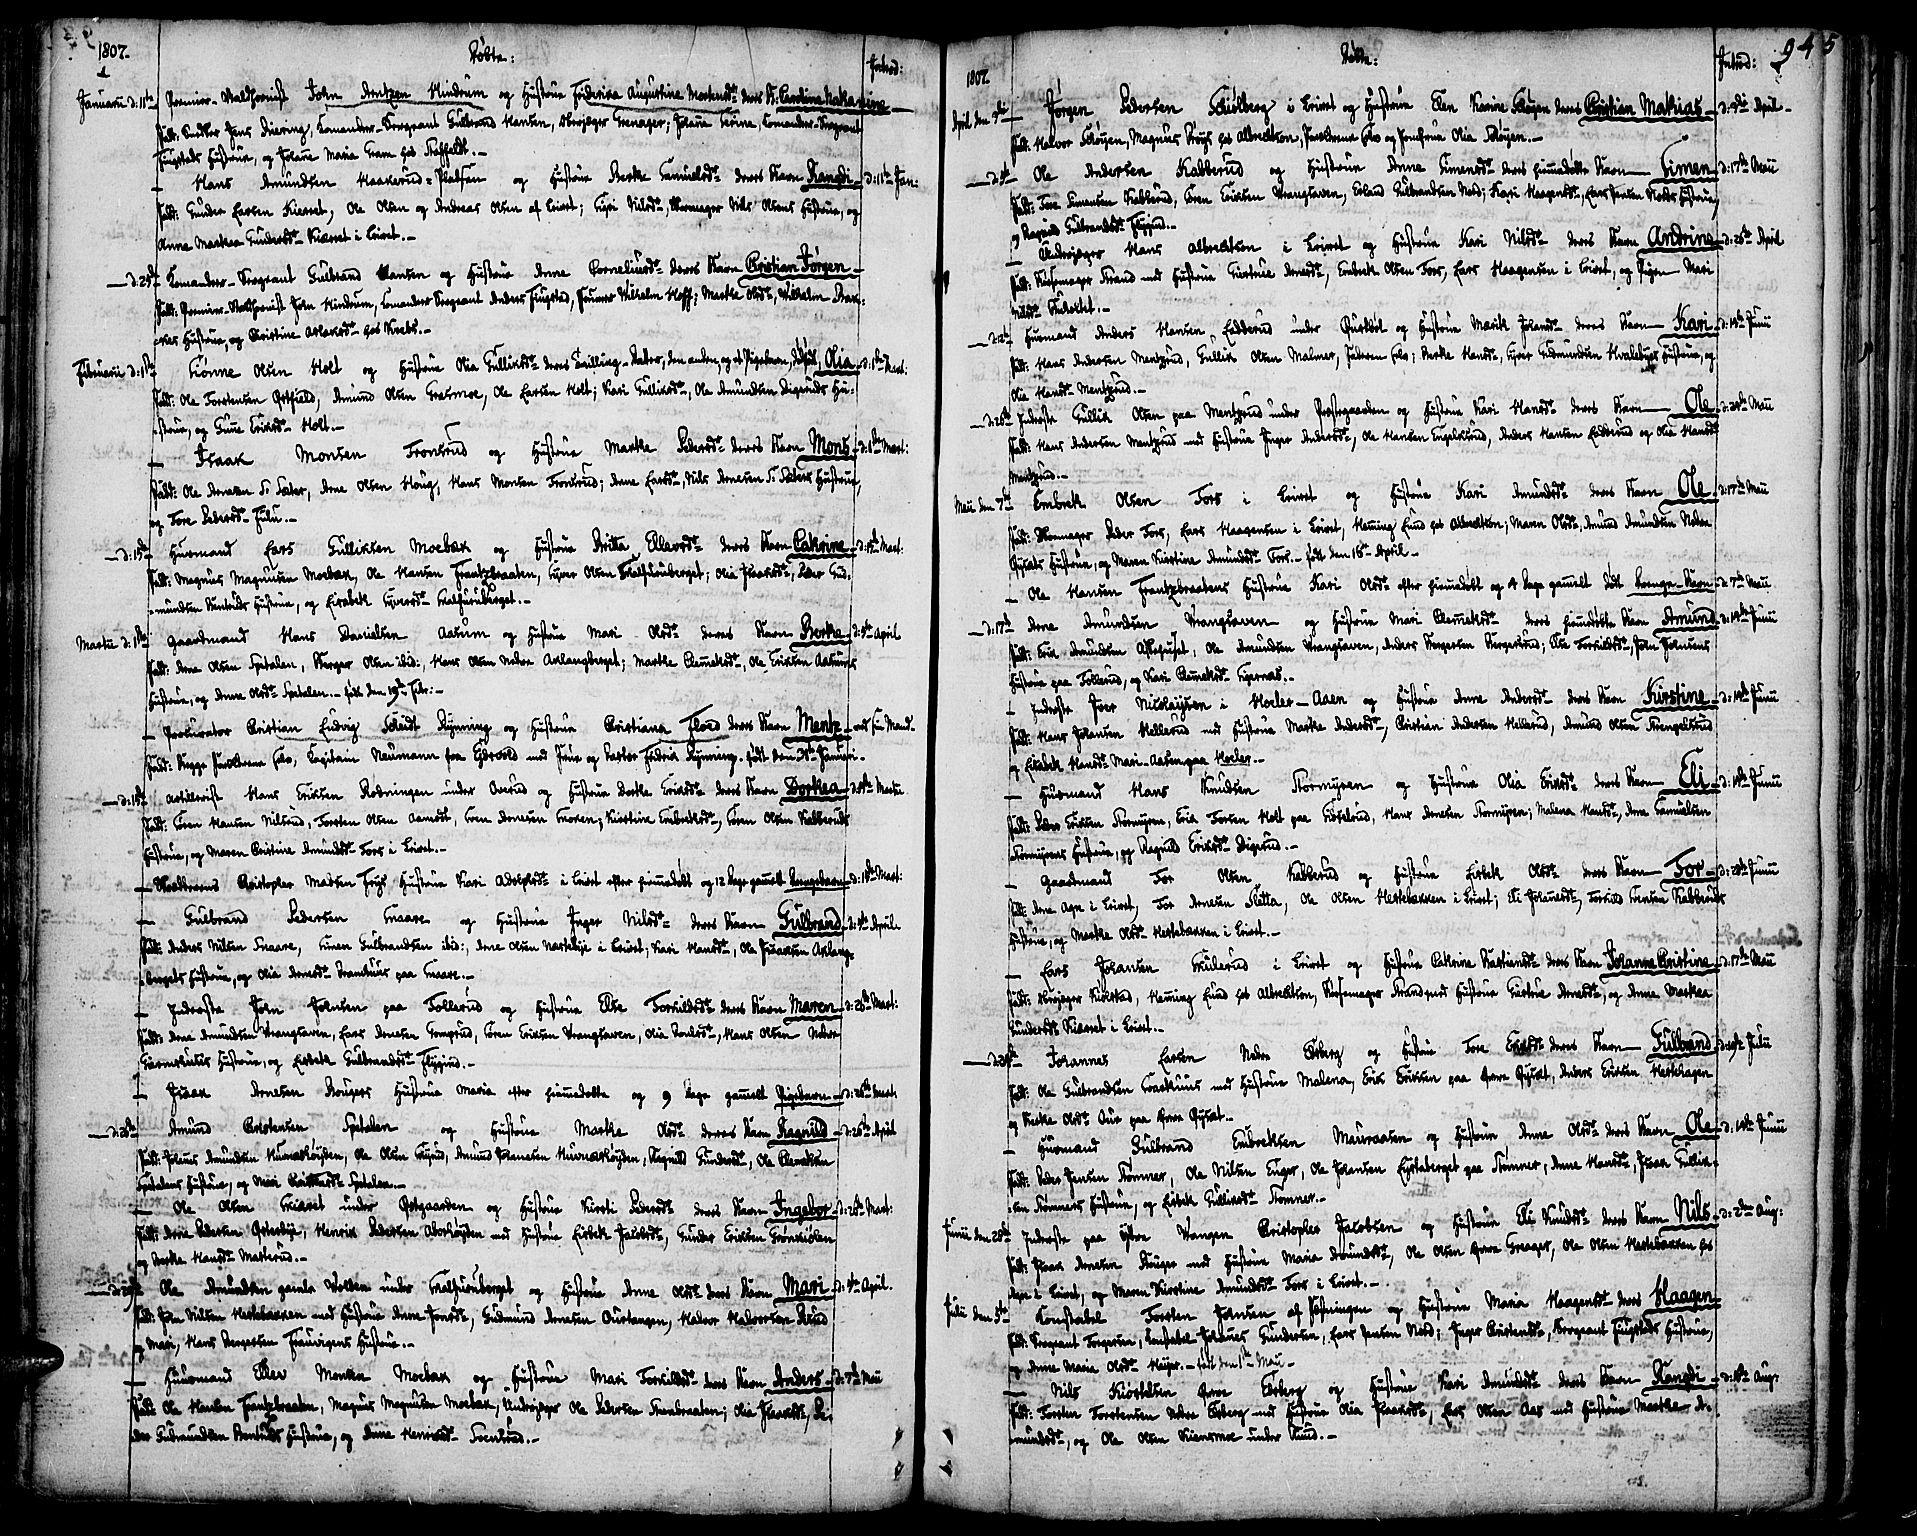 SAH, Vinger prestekontor, Ministerialbok nr. 5, 1772-1813, s. 94